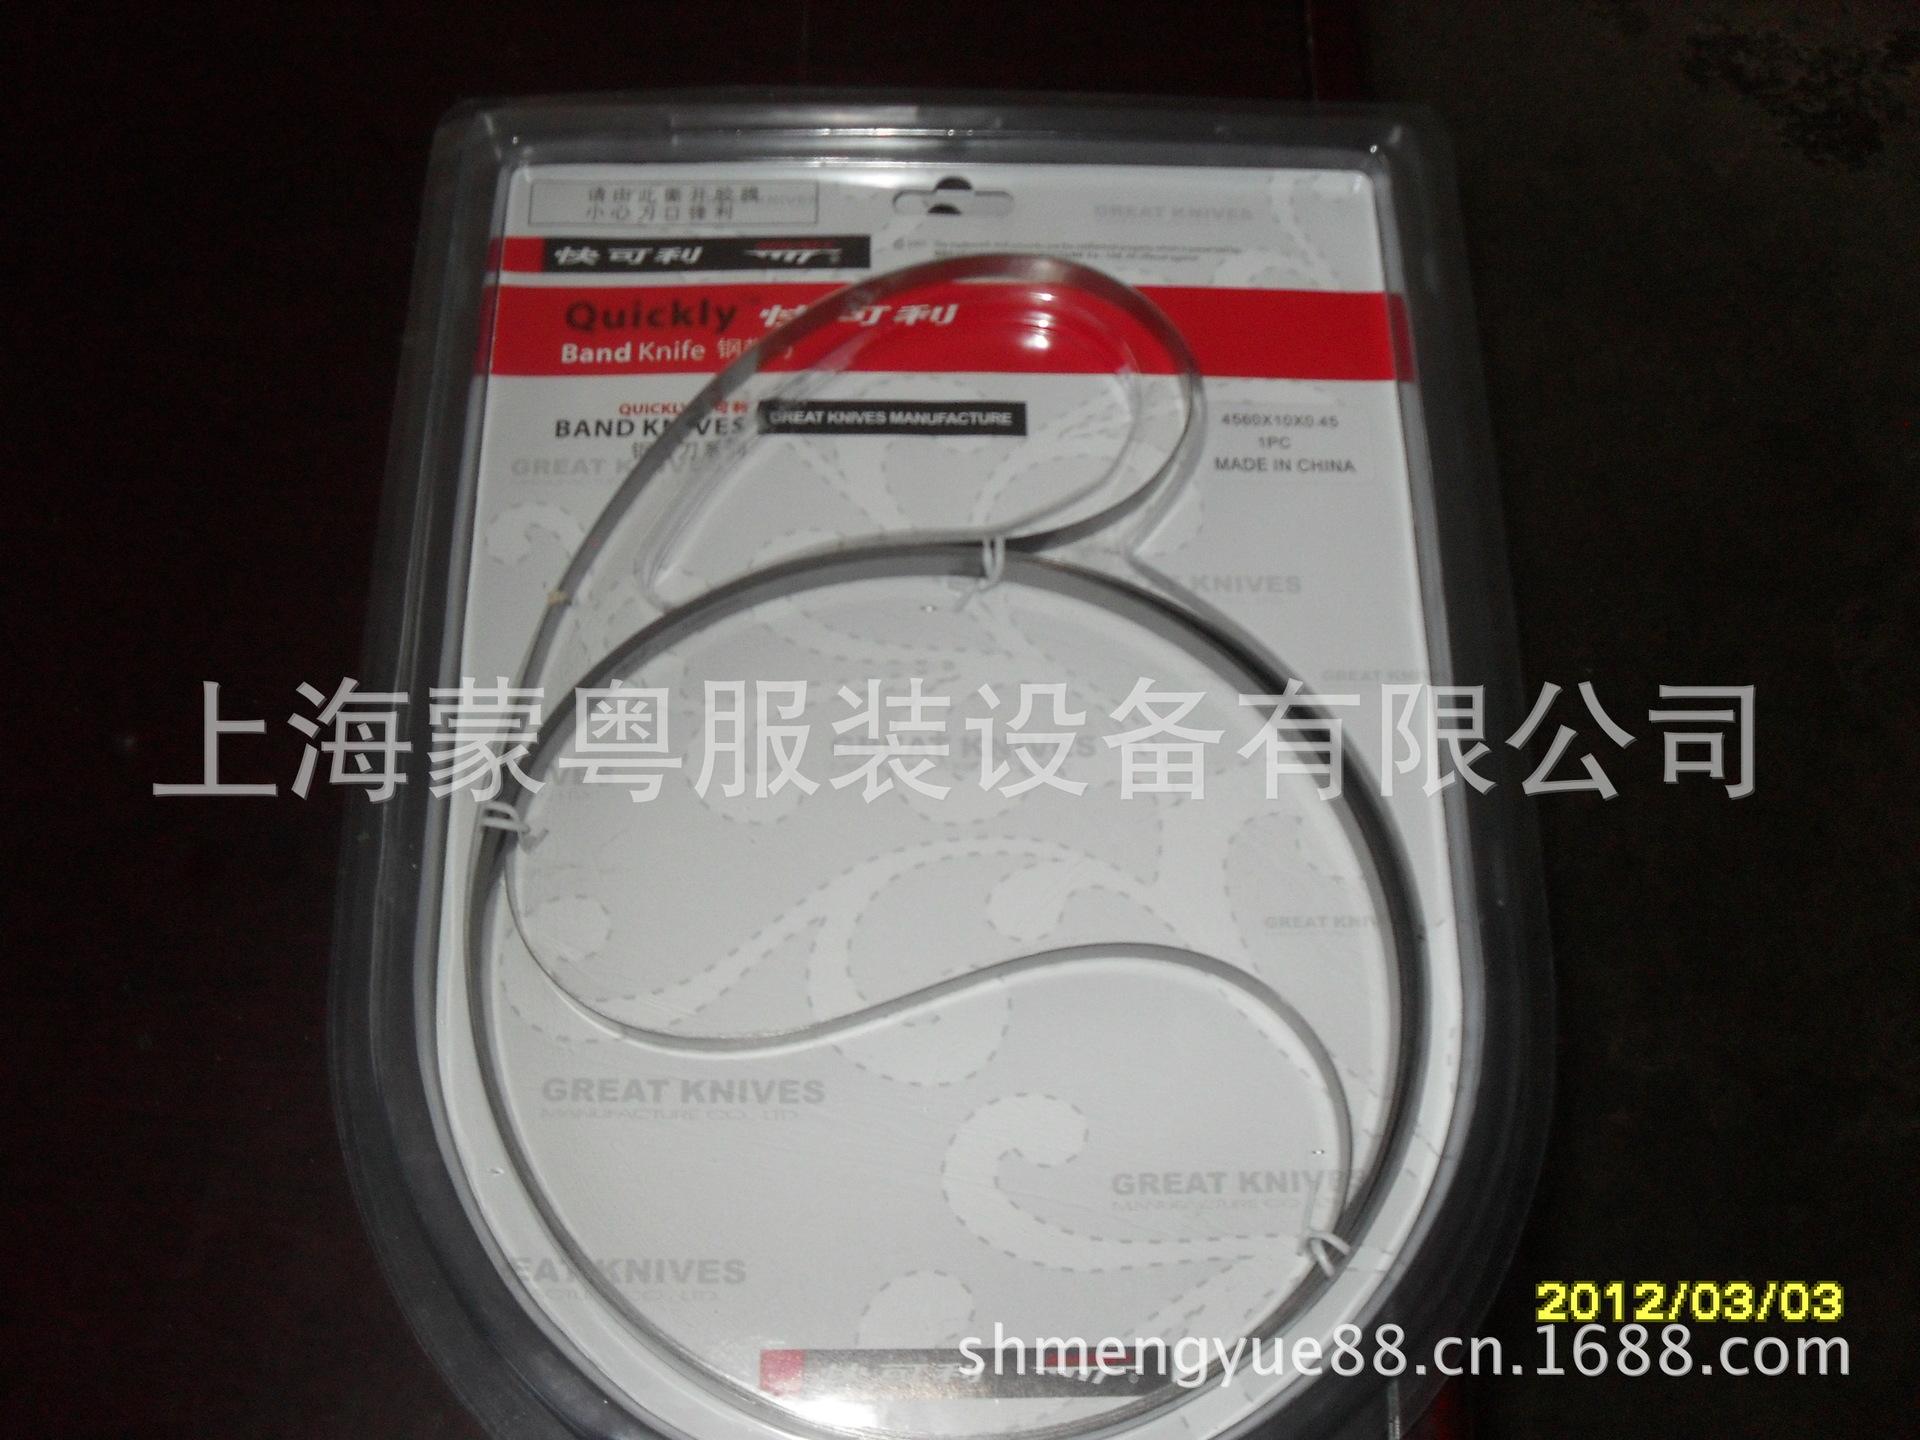 出口质量变频器调节 MY-700/900/1200  龙门刀